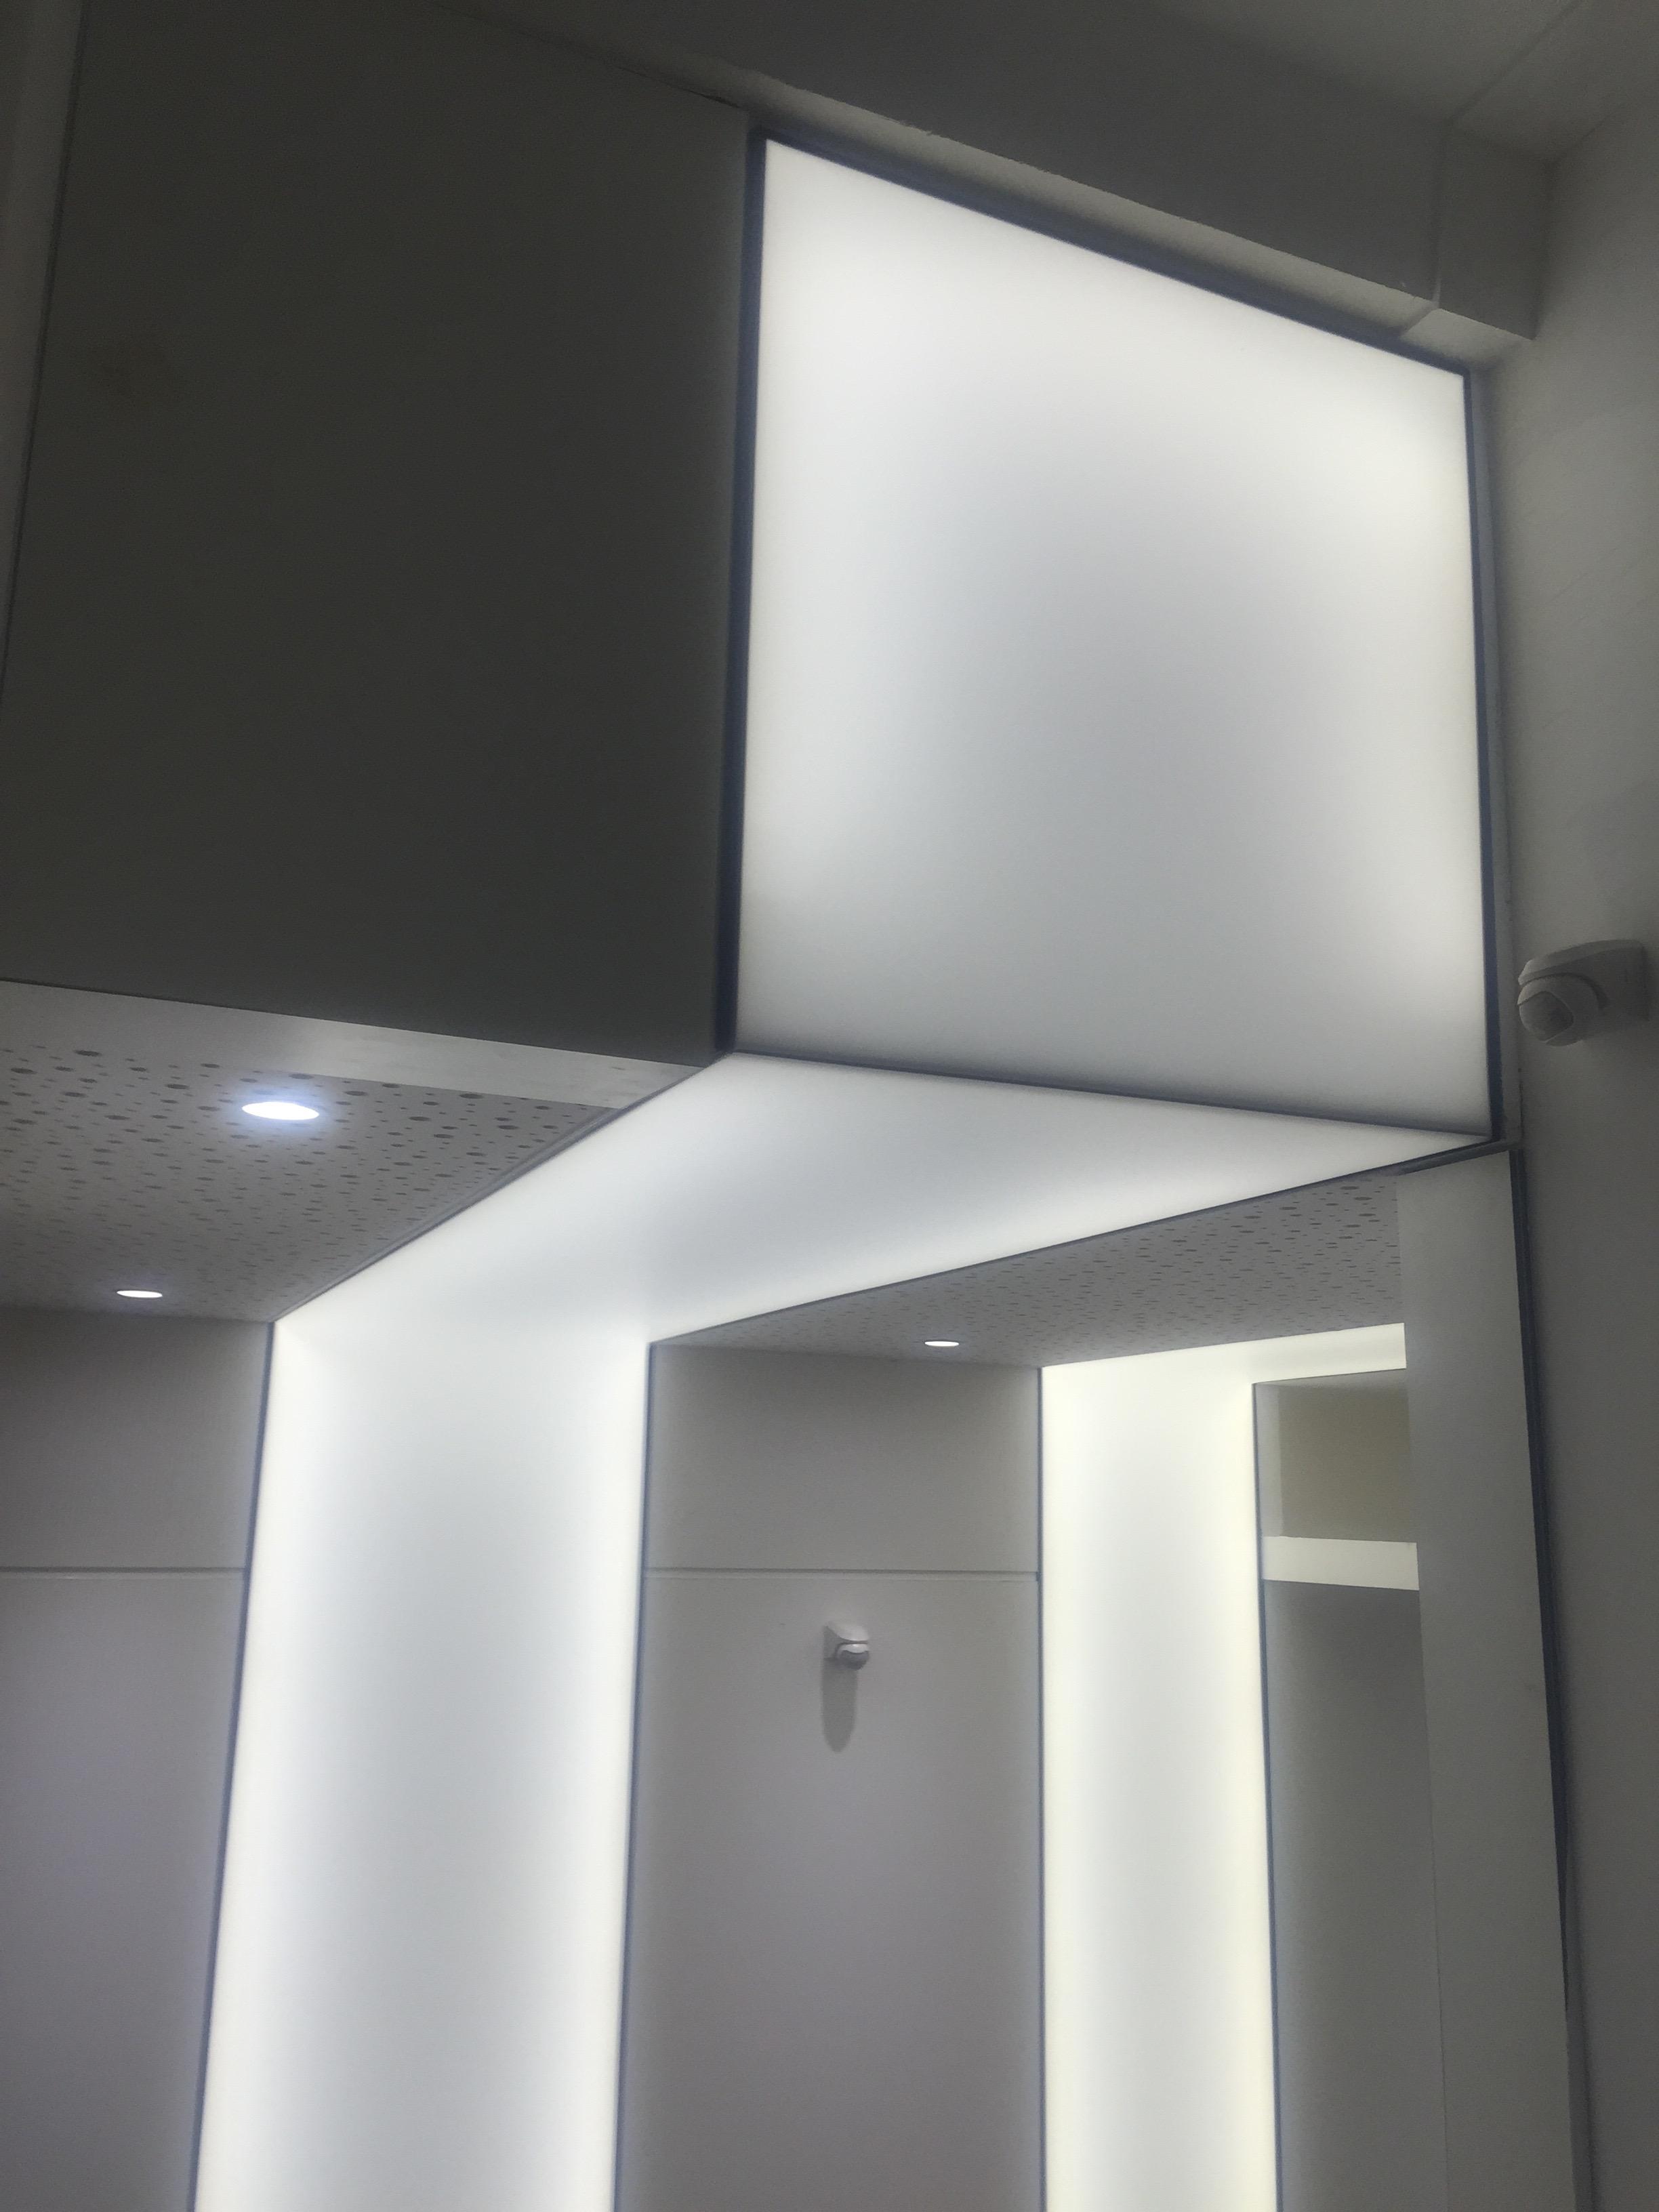 plafonds tendus extenzo toulouse une pose en mur plafond lumineuse. Black Bedroom Furniture Sets. Home Design Ideas